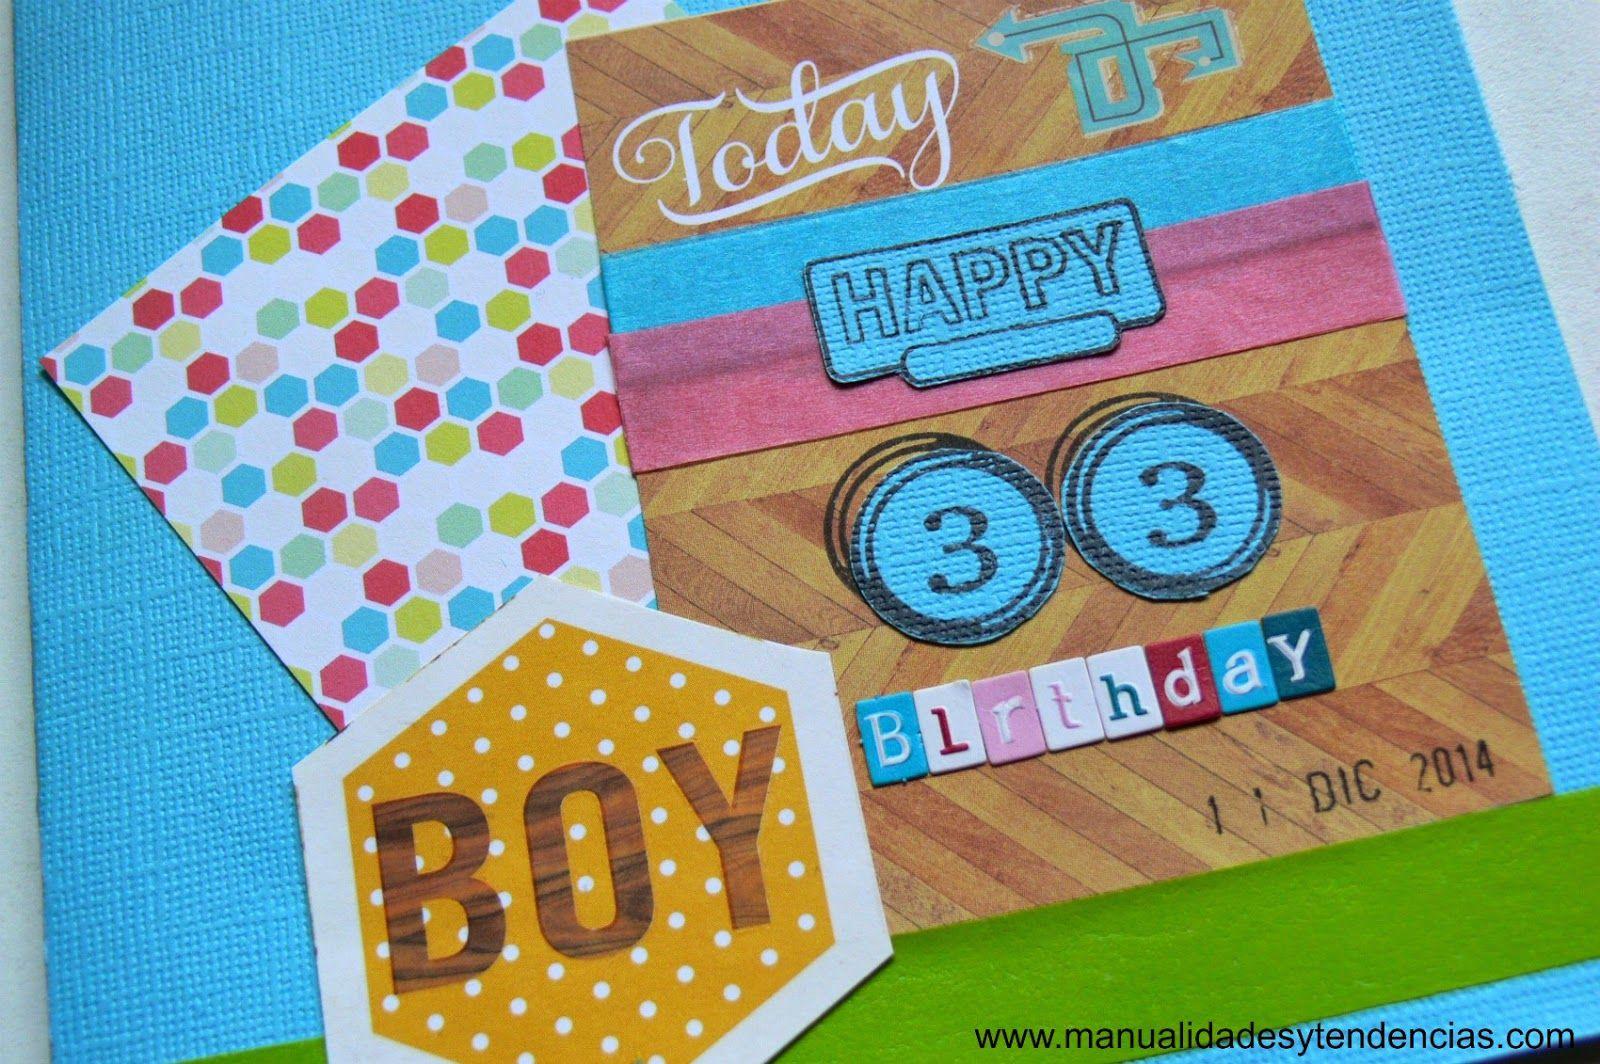 Tarjeta de cumpleaños para chico DIY, manualidades Pinterest